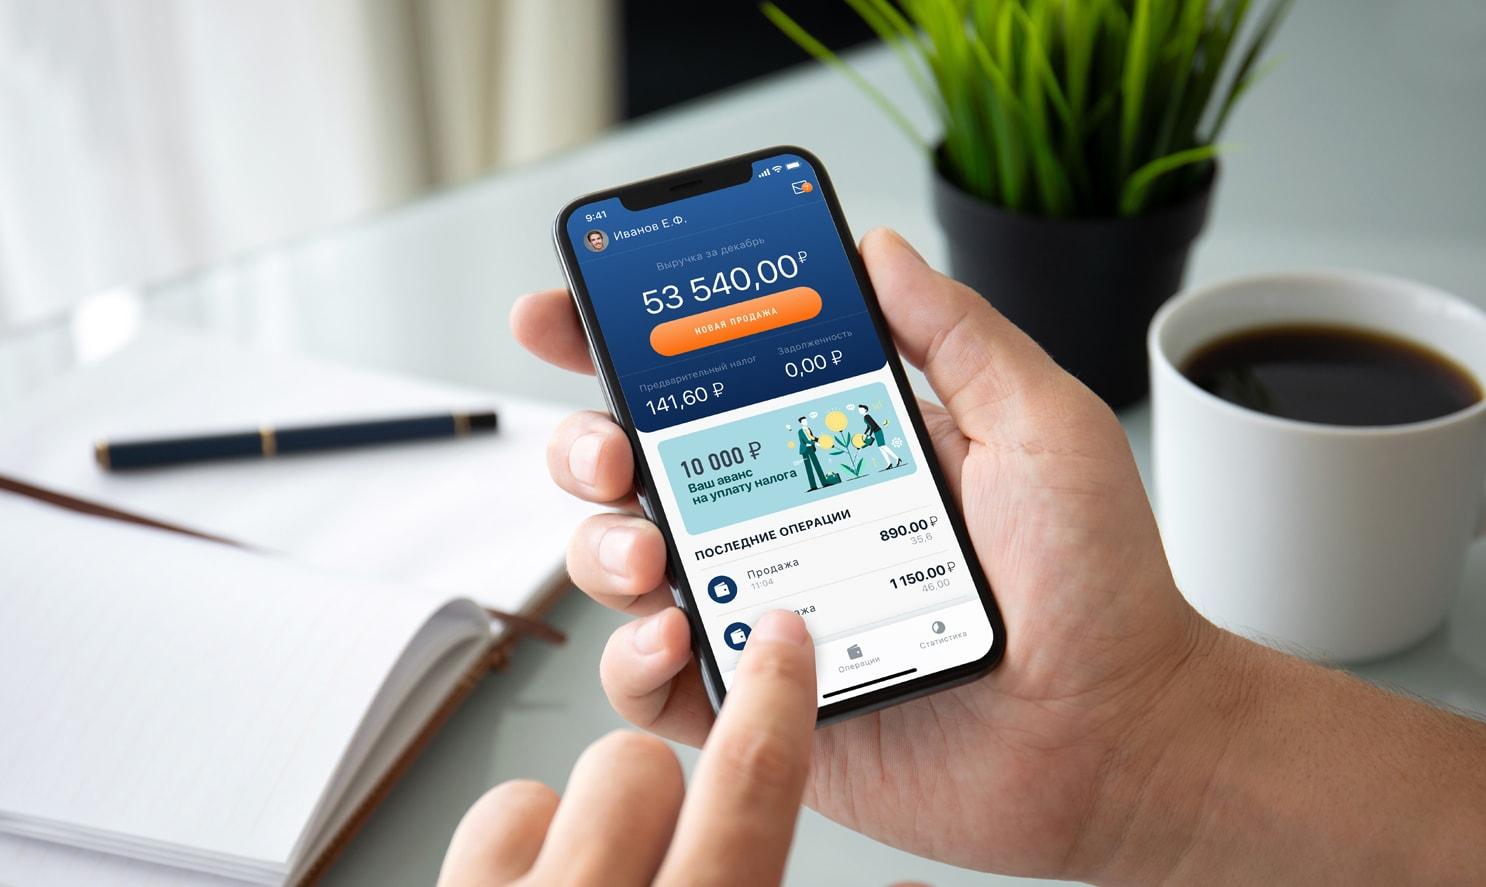 Saleads - Вывод средств самозанятым. В течении 1 рабочего дня на счет или банковскую карту